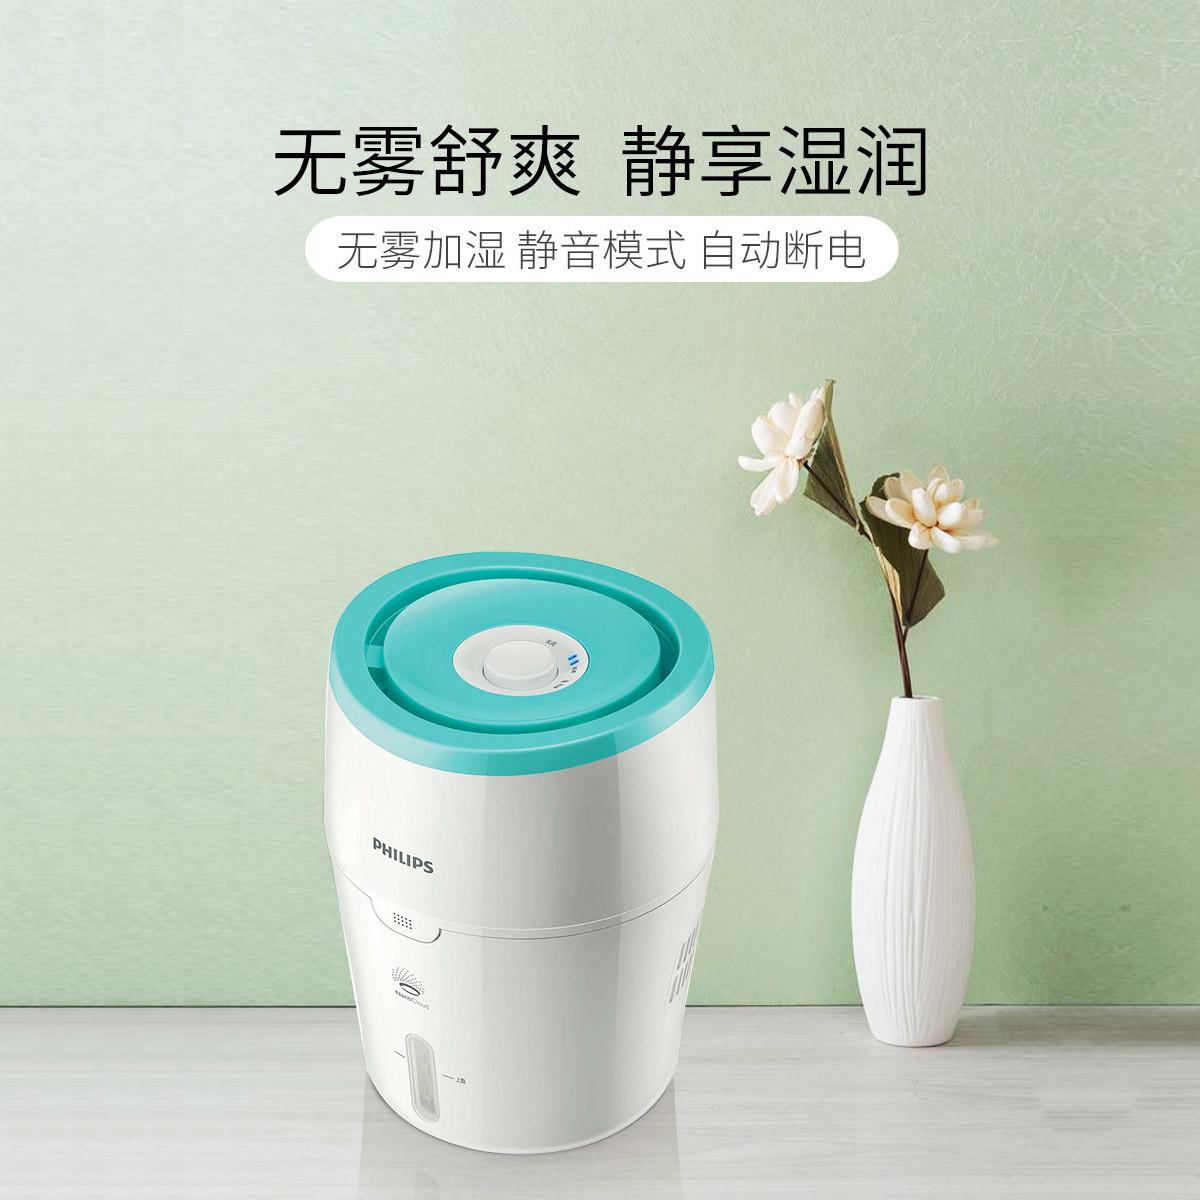 飞利浦飞利浦HU4801家用静音无雾空气加湿器卧室净化器加湿器HU4801/00